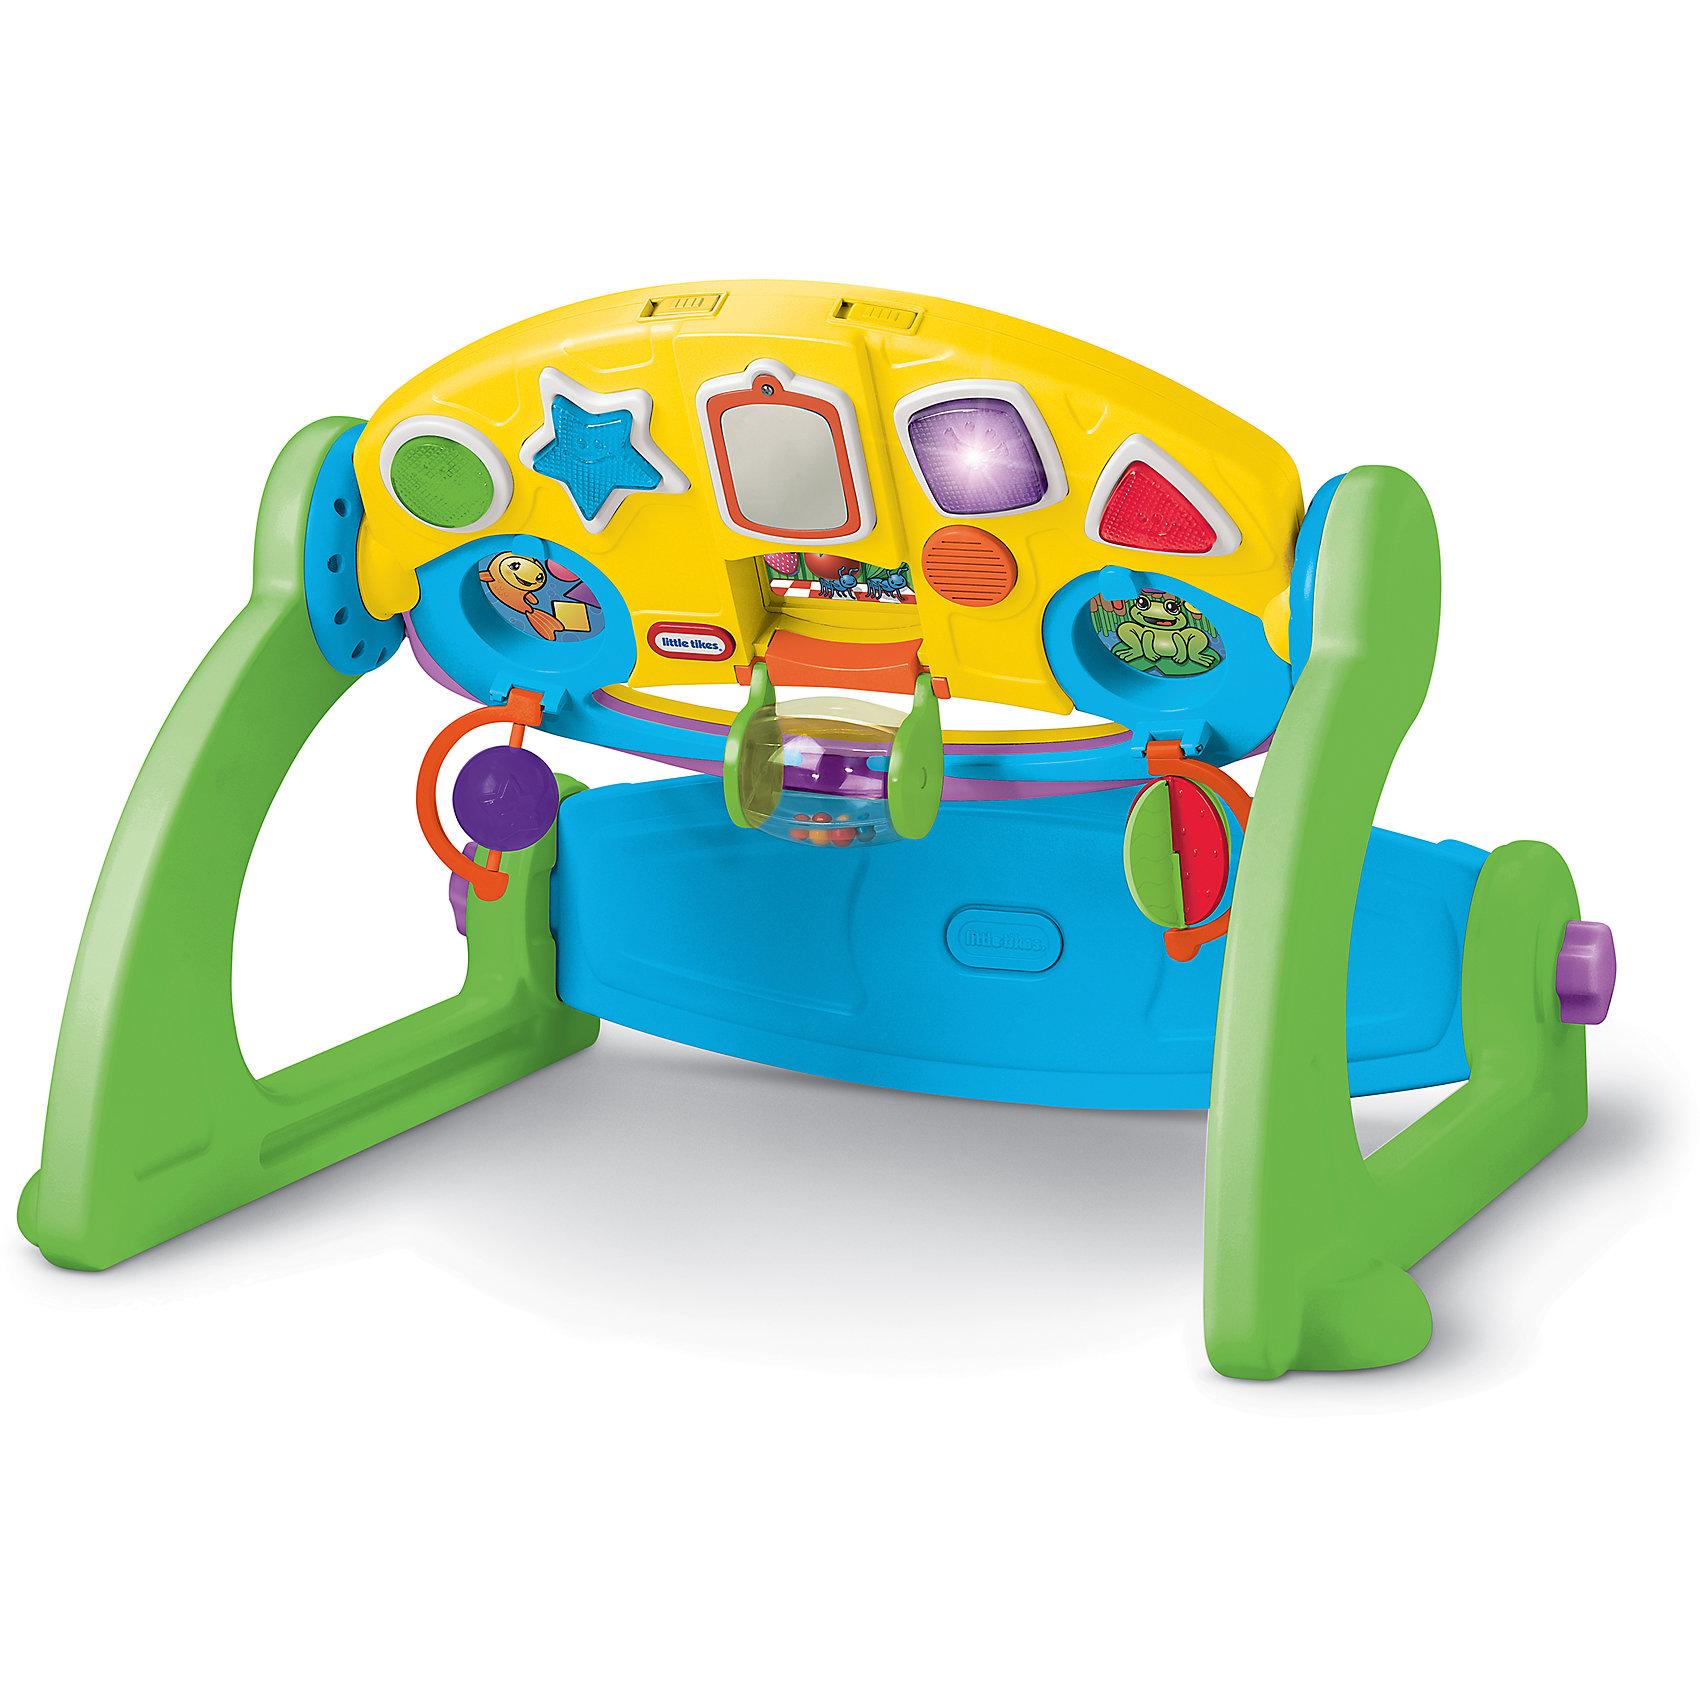 Регулируемый развивающий центр, Little TikesИгровые столики и центры<br>Универсальный игровой центр  для малышей от самого рождения до трёх лет. Игровая панель может устанавливаться как перпендикулярно полу, так и параллельно в виде столика. Развивает мелкую моторику, способствует умственному росту ребёнка, формированию абстрактного мышления, развитию фантазии и воображения. Развивающий центр имеет несколько способов установки, соответствующих стадиям развития ребенка: классический развивающий центр, активность сидя, центр-стройка, столик для игр; 12 регулируемых настроек. Игровая панель светится разноцветными огоньками и проигрывает музыку. <br><br>Дополнительная информация:<br><br>- Материал: пластик, металл.<br>- Размер упаковки: 60,5 х 38 х 15 см.<br>- Размер игрового столика: 45х29 см. <br>- Элемент питания: 3 АА батарейки (не входят в комплект).<br>- Звуковые и световые эффекты. <br><br>Регулируемый развивающий центр, Little Tikes, можно купить в нашем магазине.<br><br>Ширина мм: 610<br>Глубина мм: 385<br>Высота мм: 155<br>Вес г: 3833<br>Возраст от месяцев: 12<br>Возраст до месяцев: 48<br>Пол: Унисекс<br>Возраст: Детский<br>SKU: 4278432